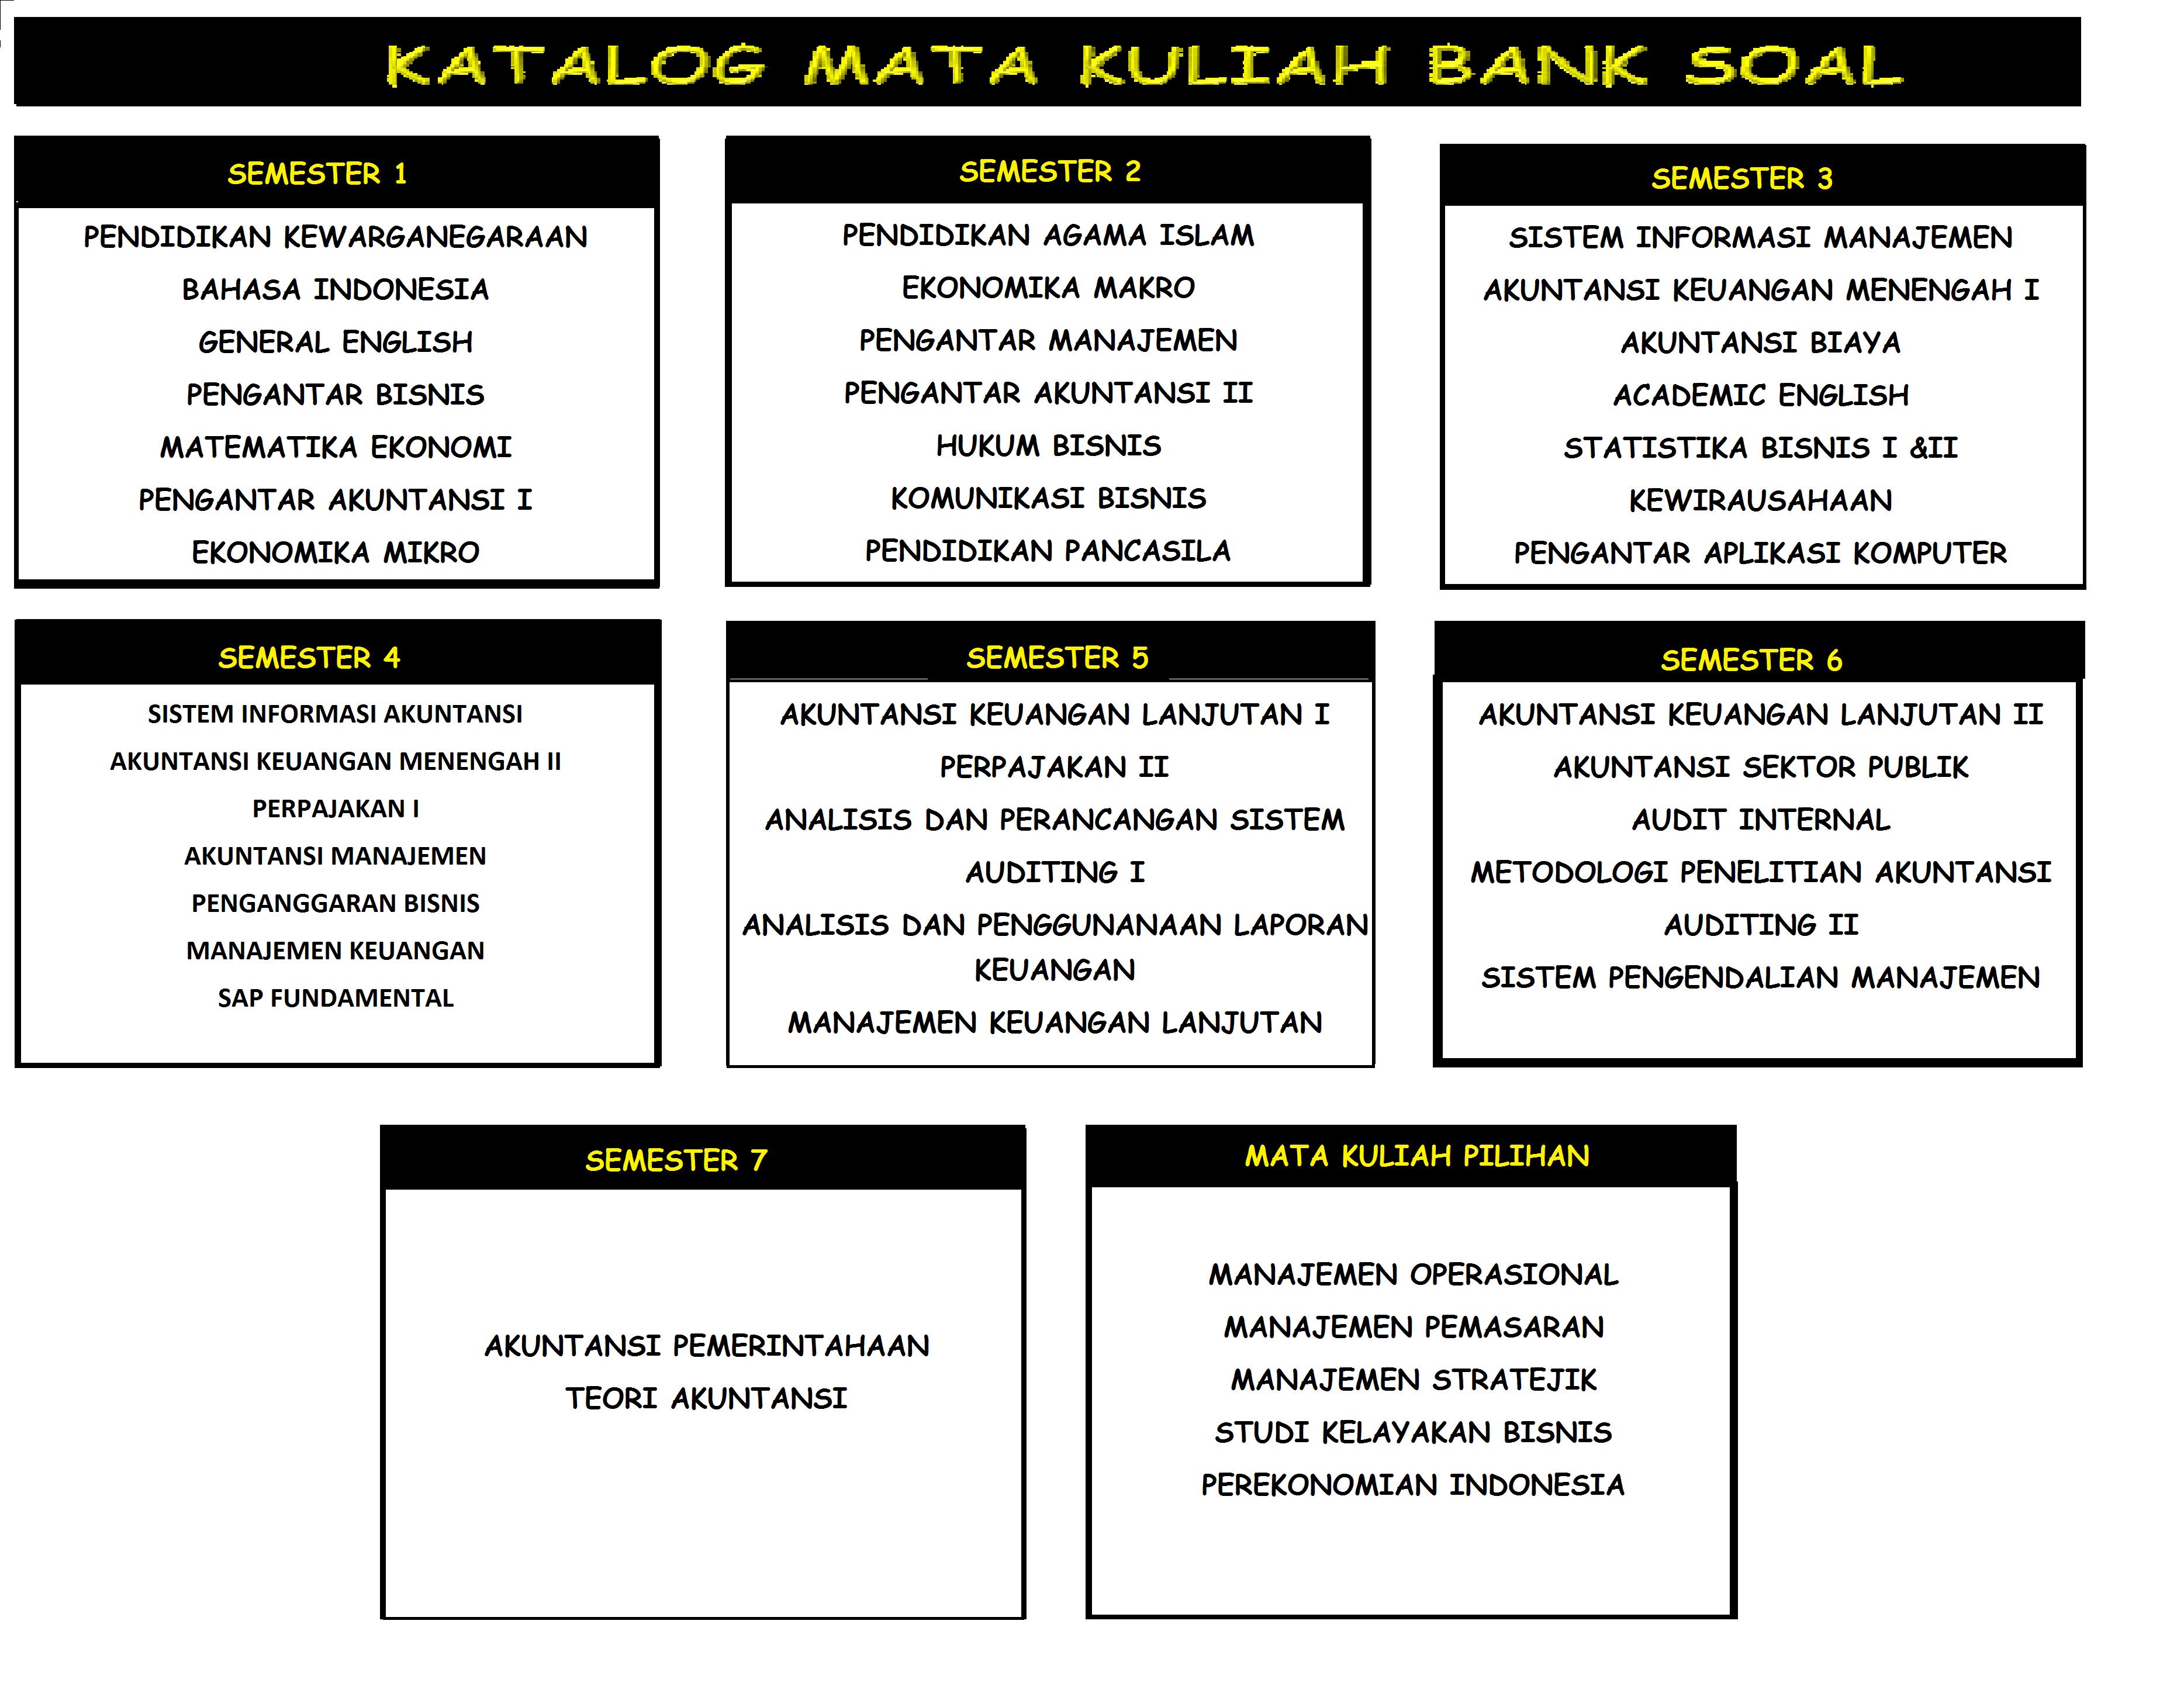 KARALOG BANK SOAL